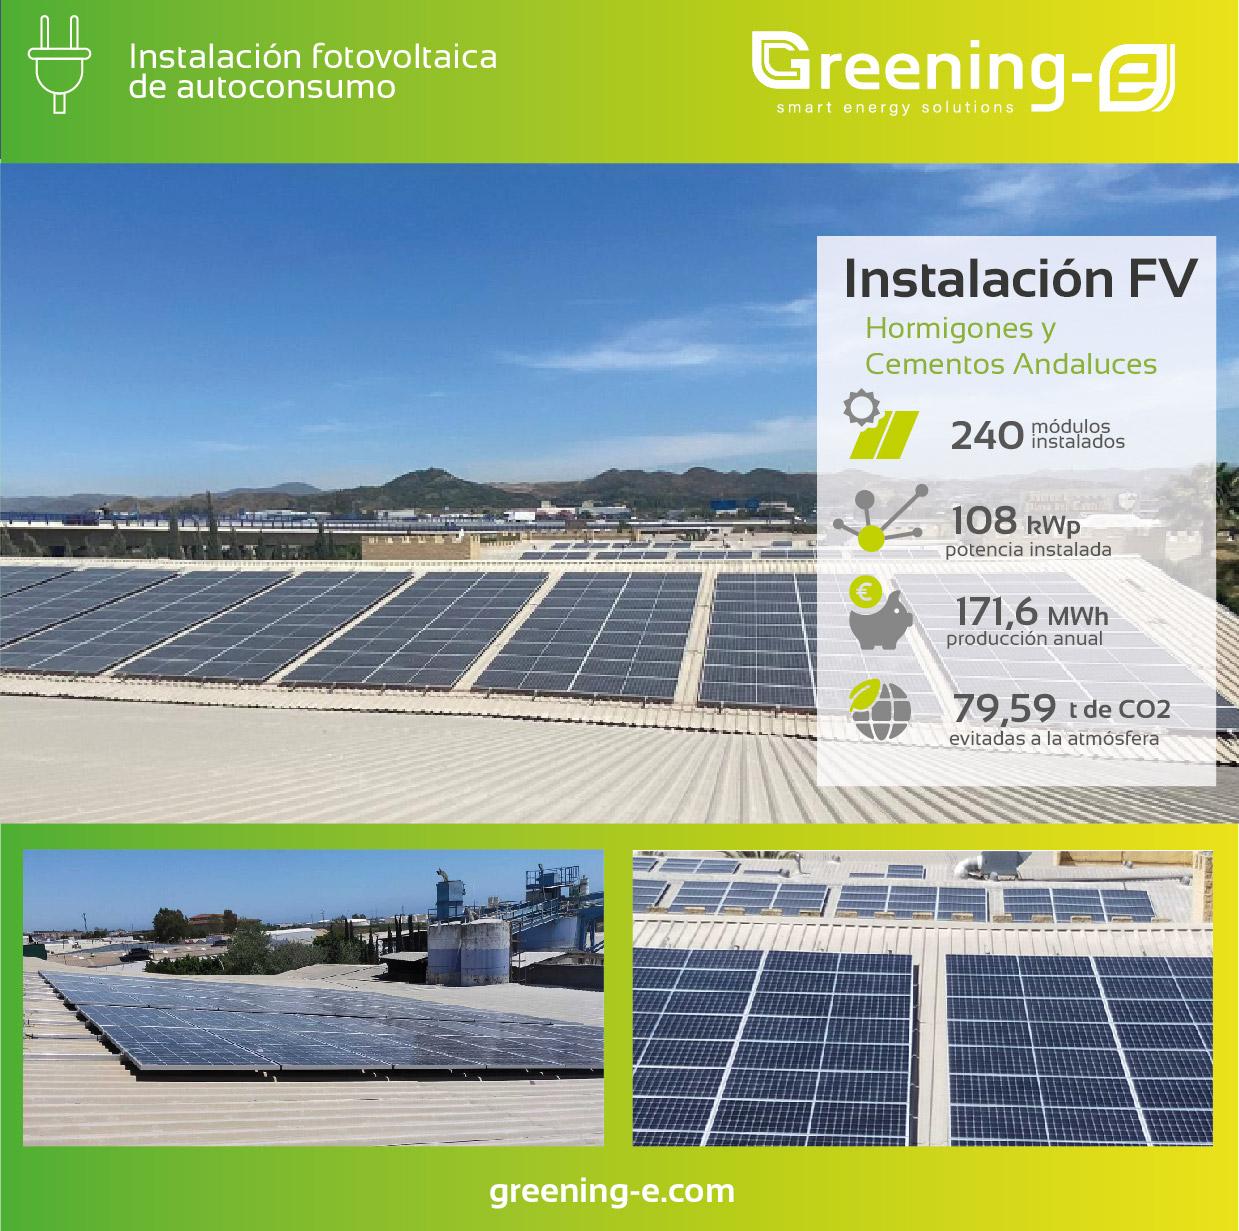 Datos y cifras de la instalación realizada por Greening-e para Hormigones y Cementos Andaluces